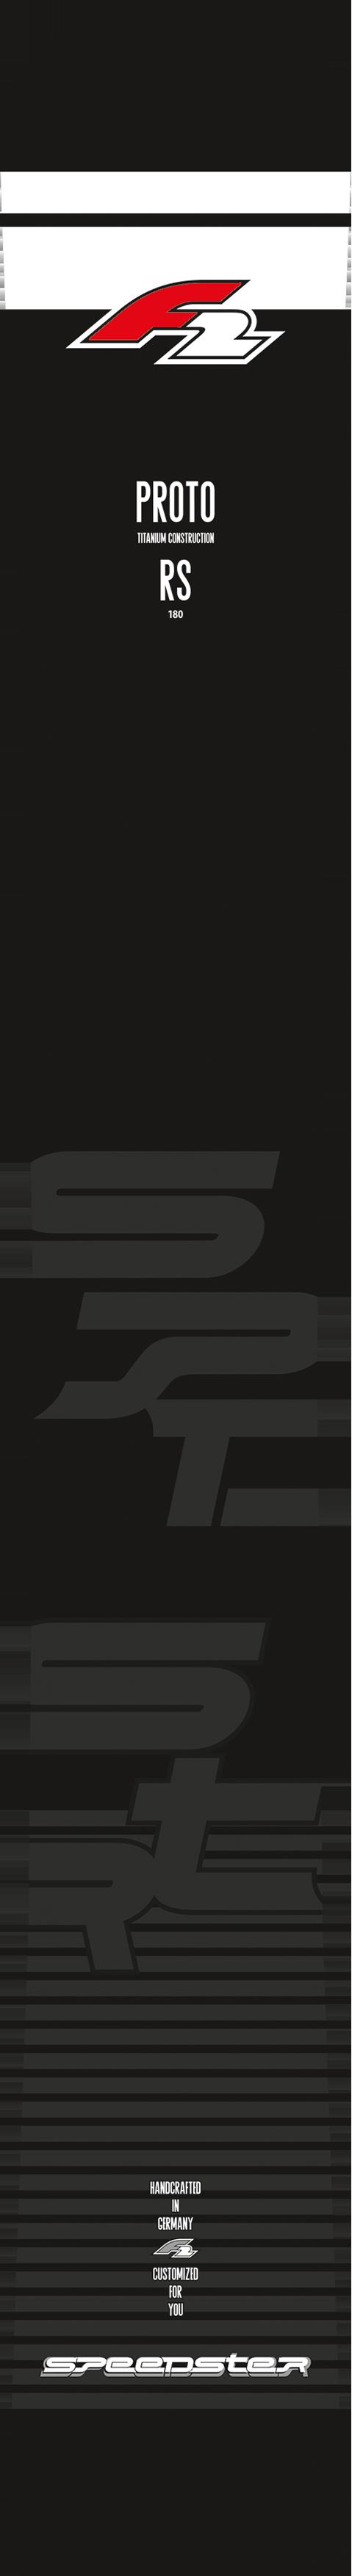 SPEEDSTER PROTO RS - Top